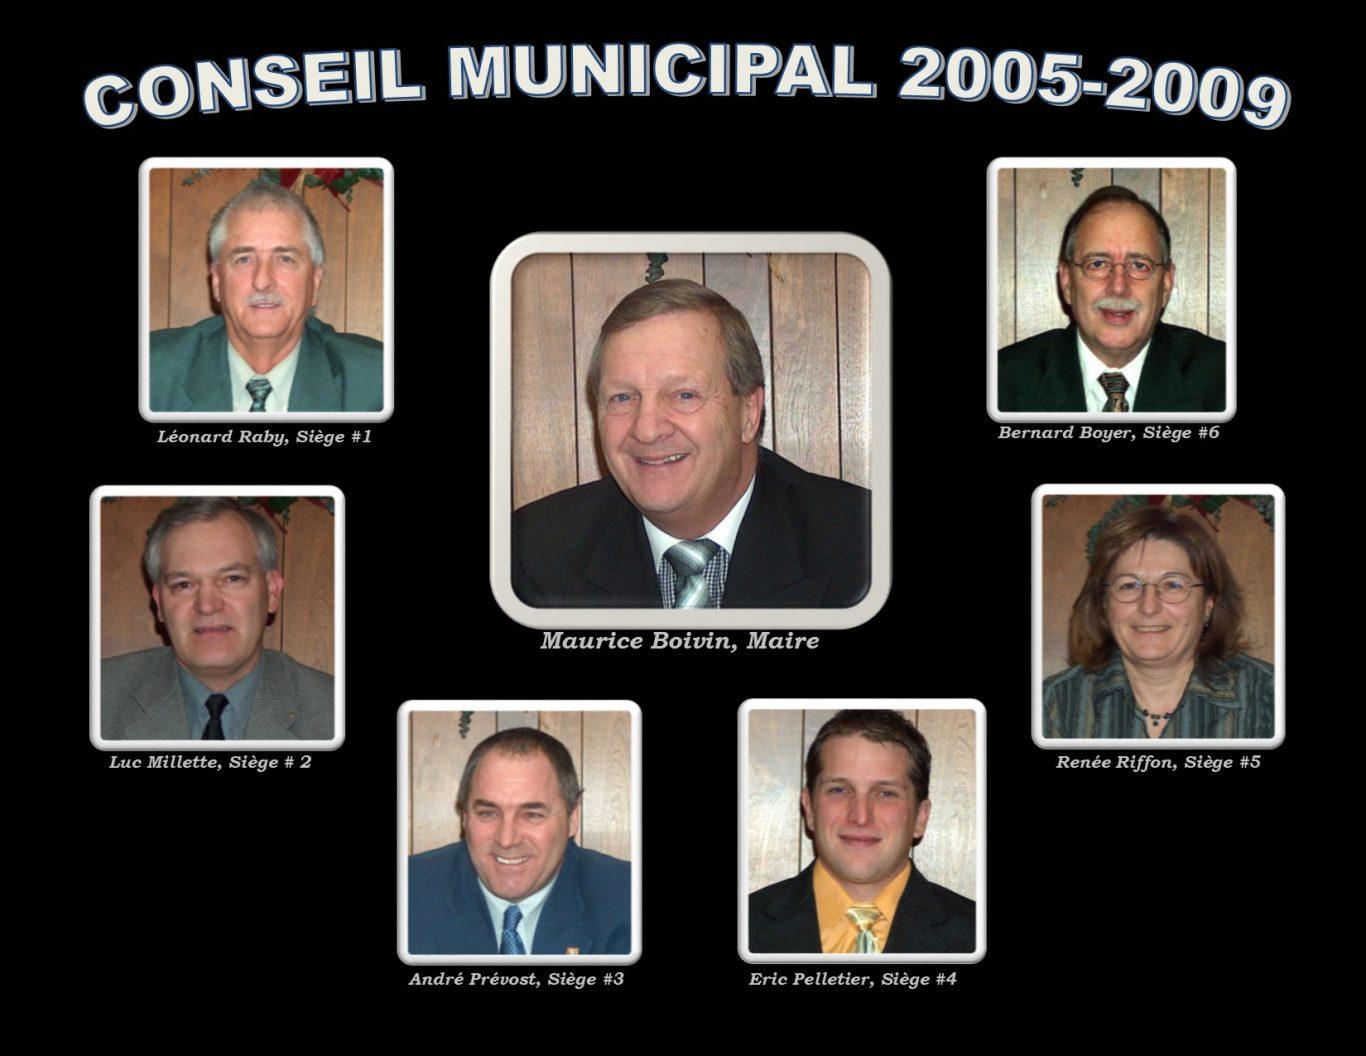 conseil municipal 2005 2009 - Ville de Thurso